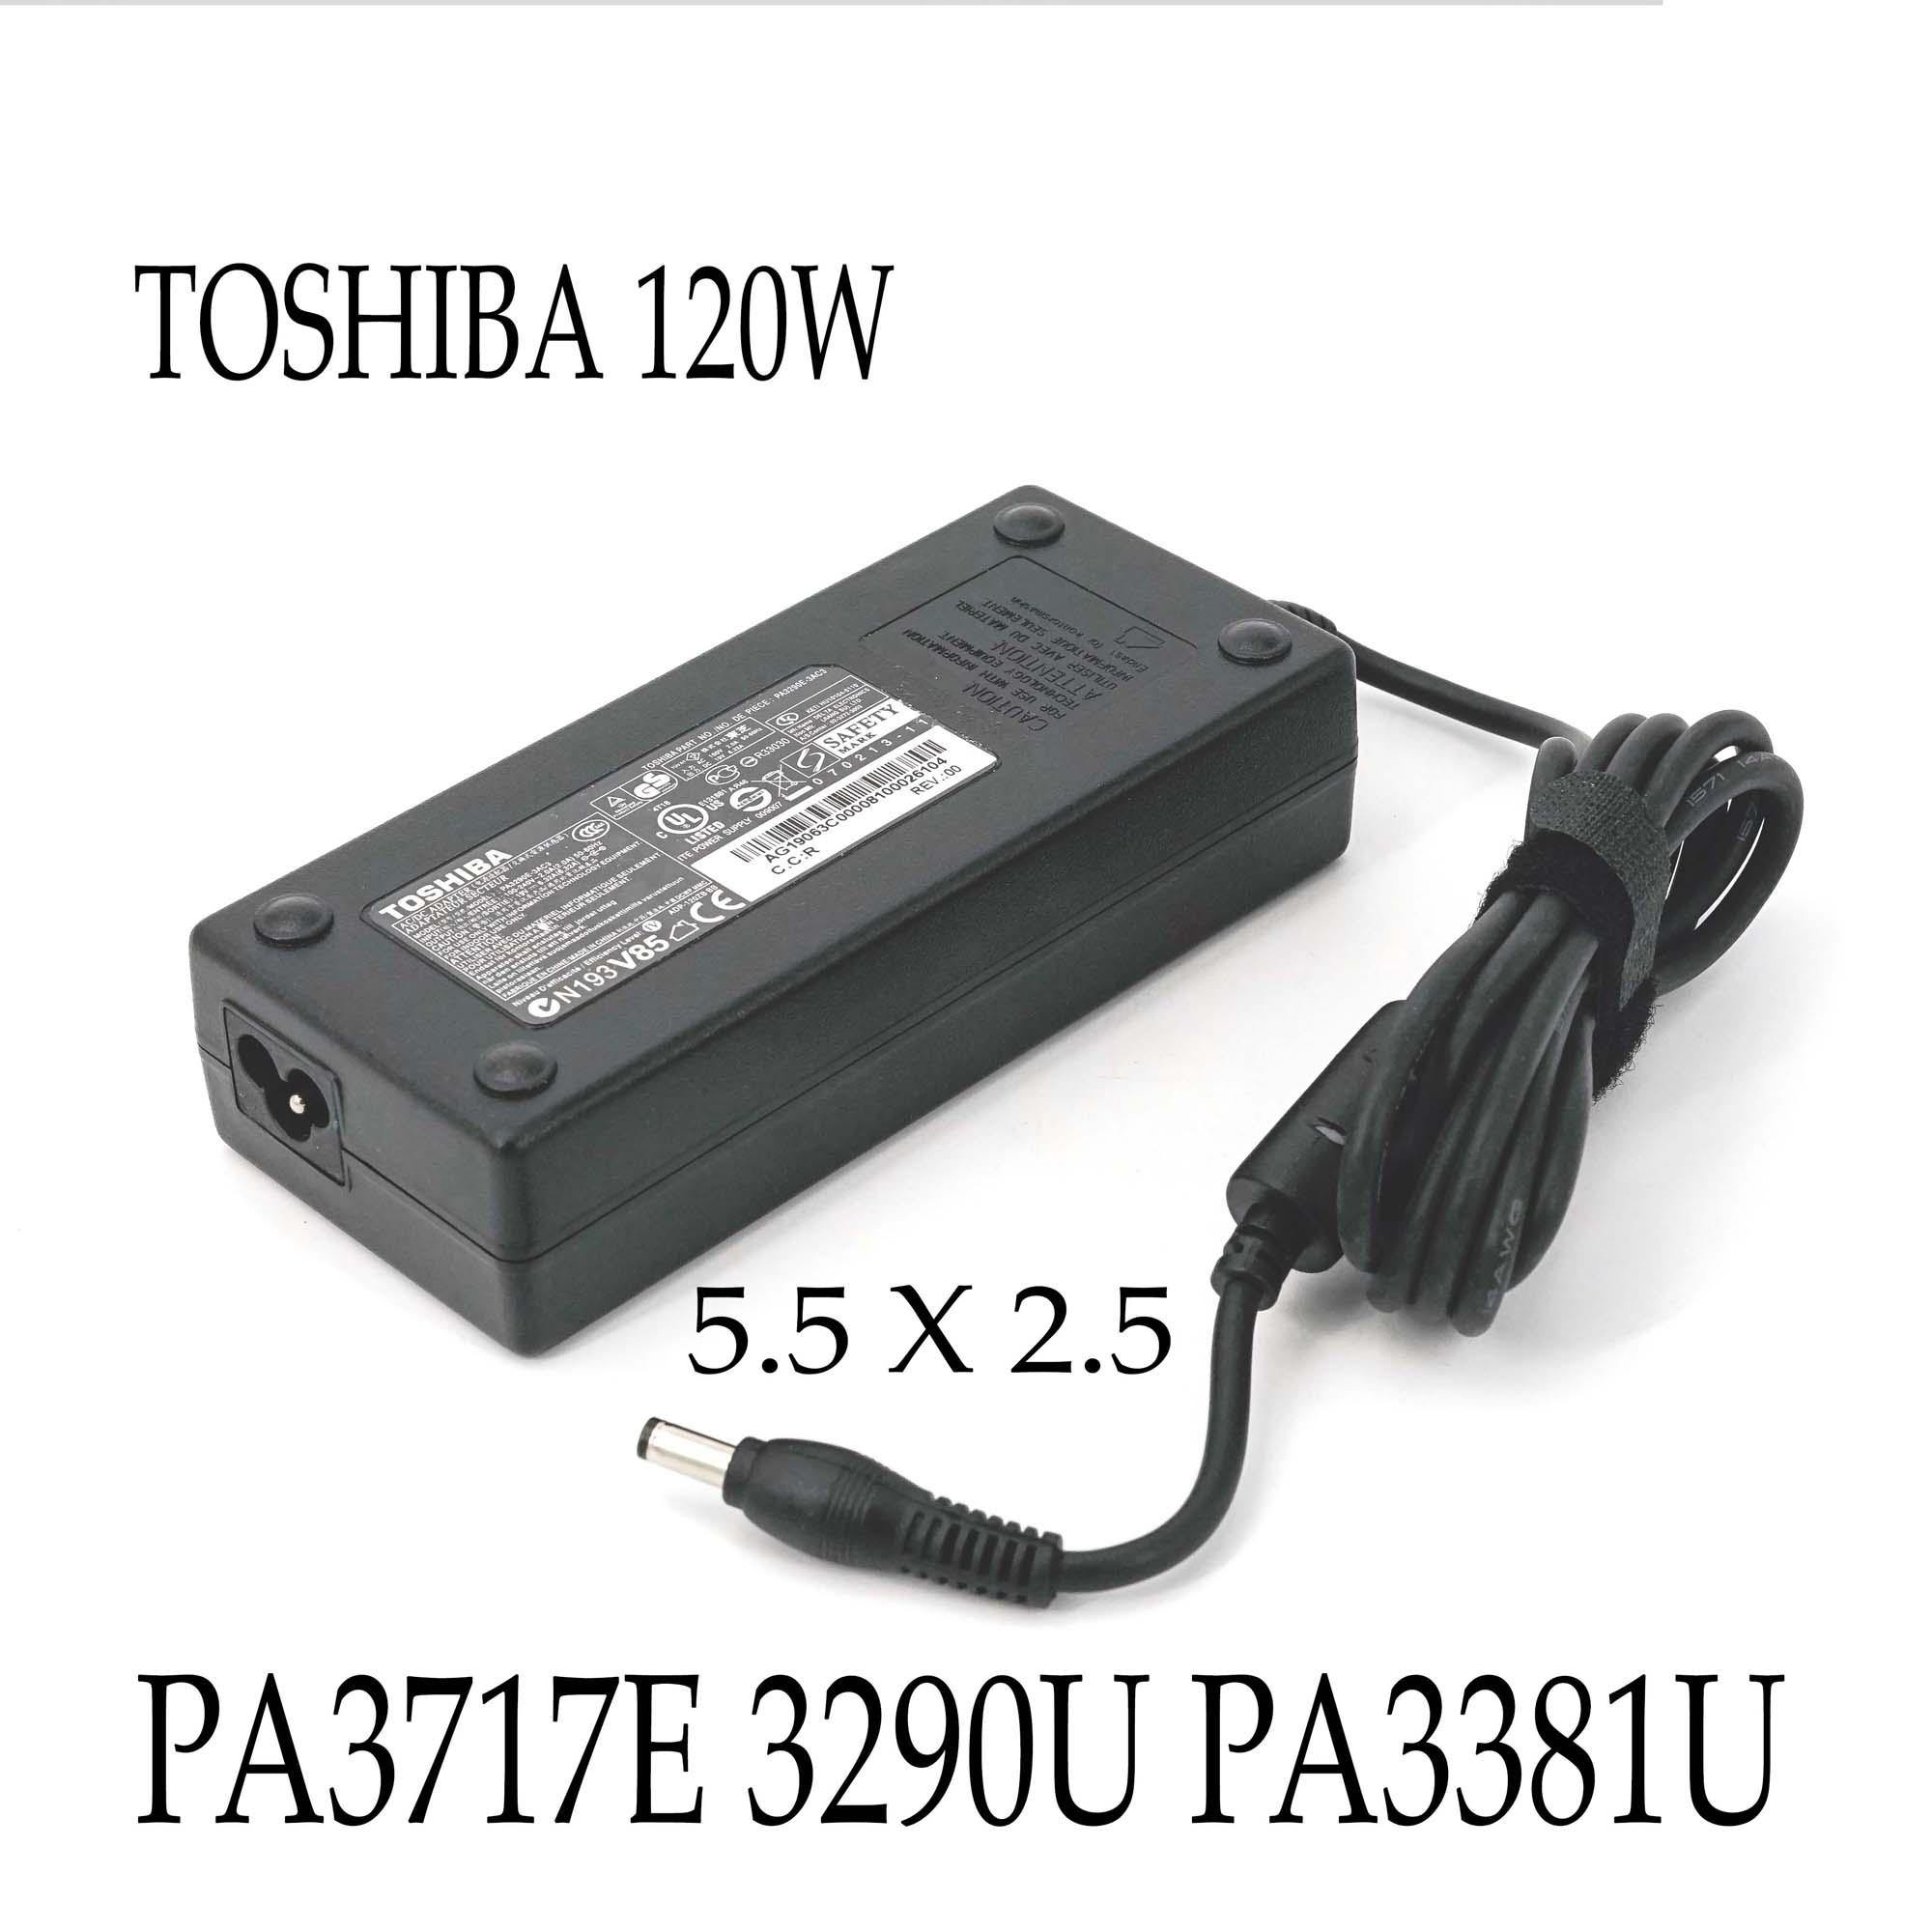 Toshiba Satellite P505D Laptop VGA Port /& Cable